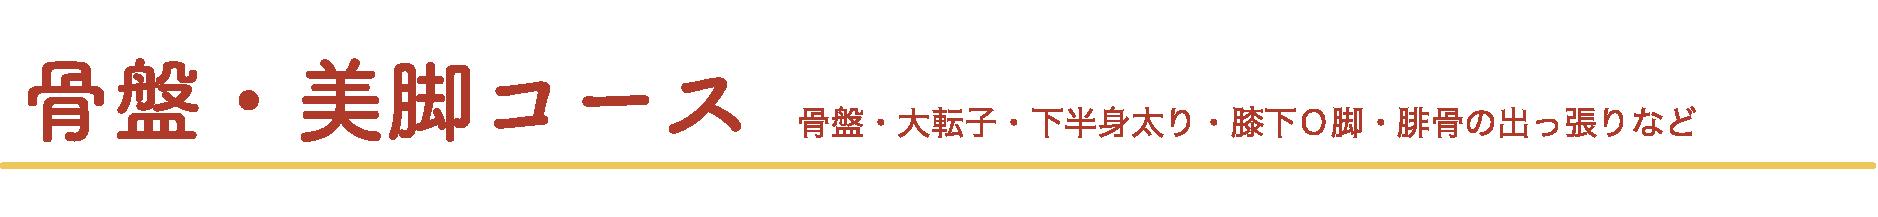 midashi 21 - 骨盤美脚コース